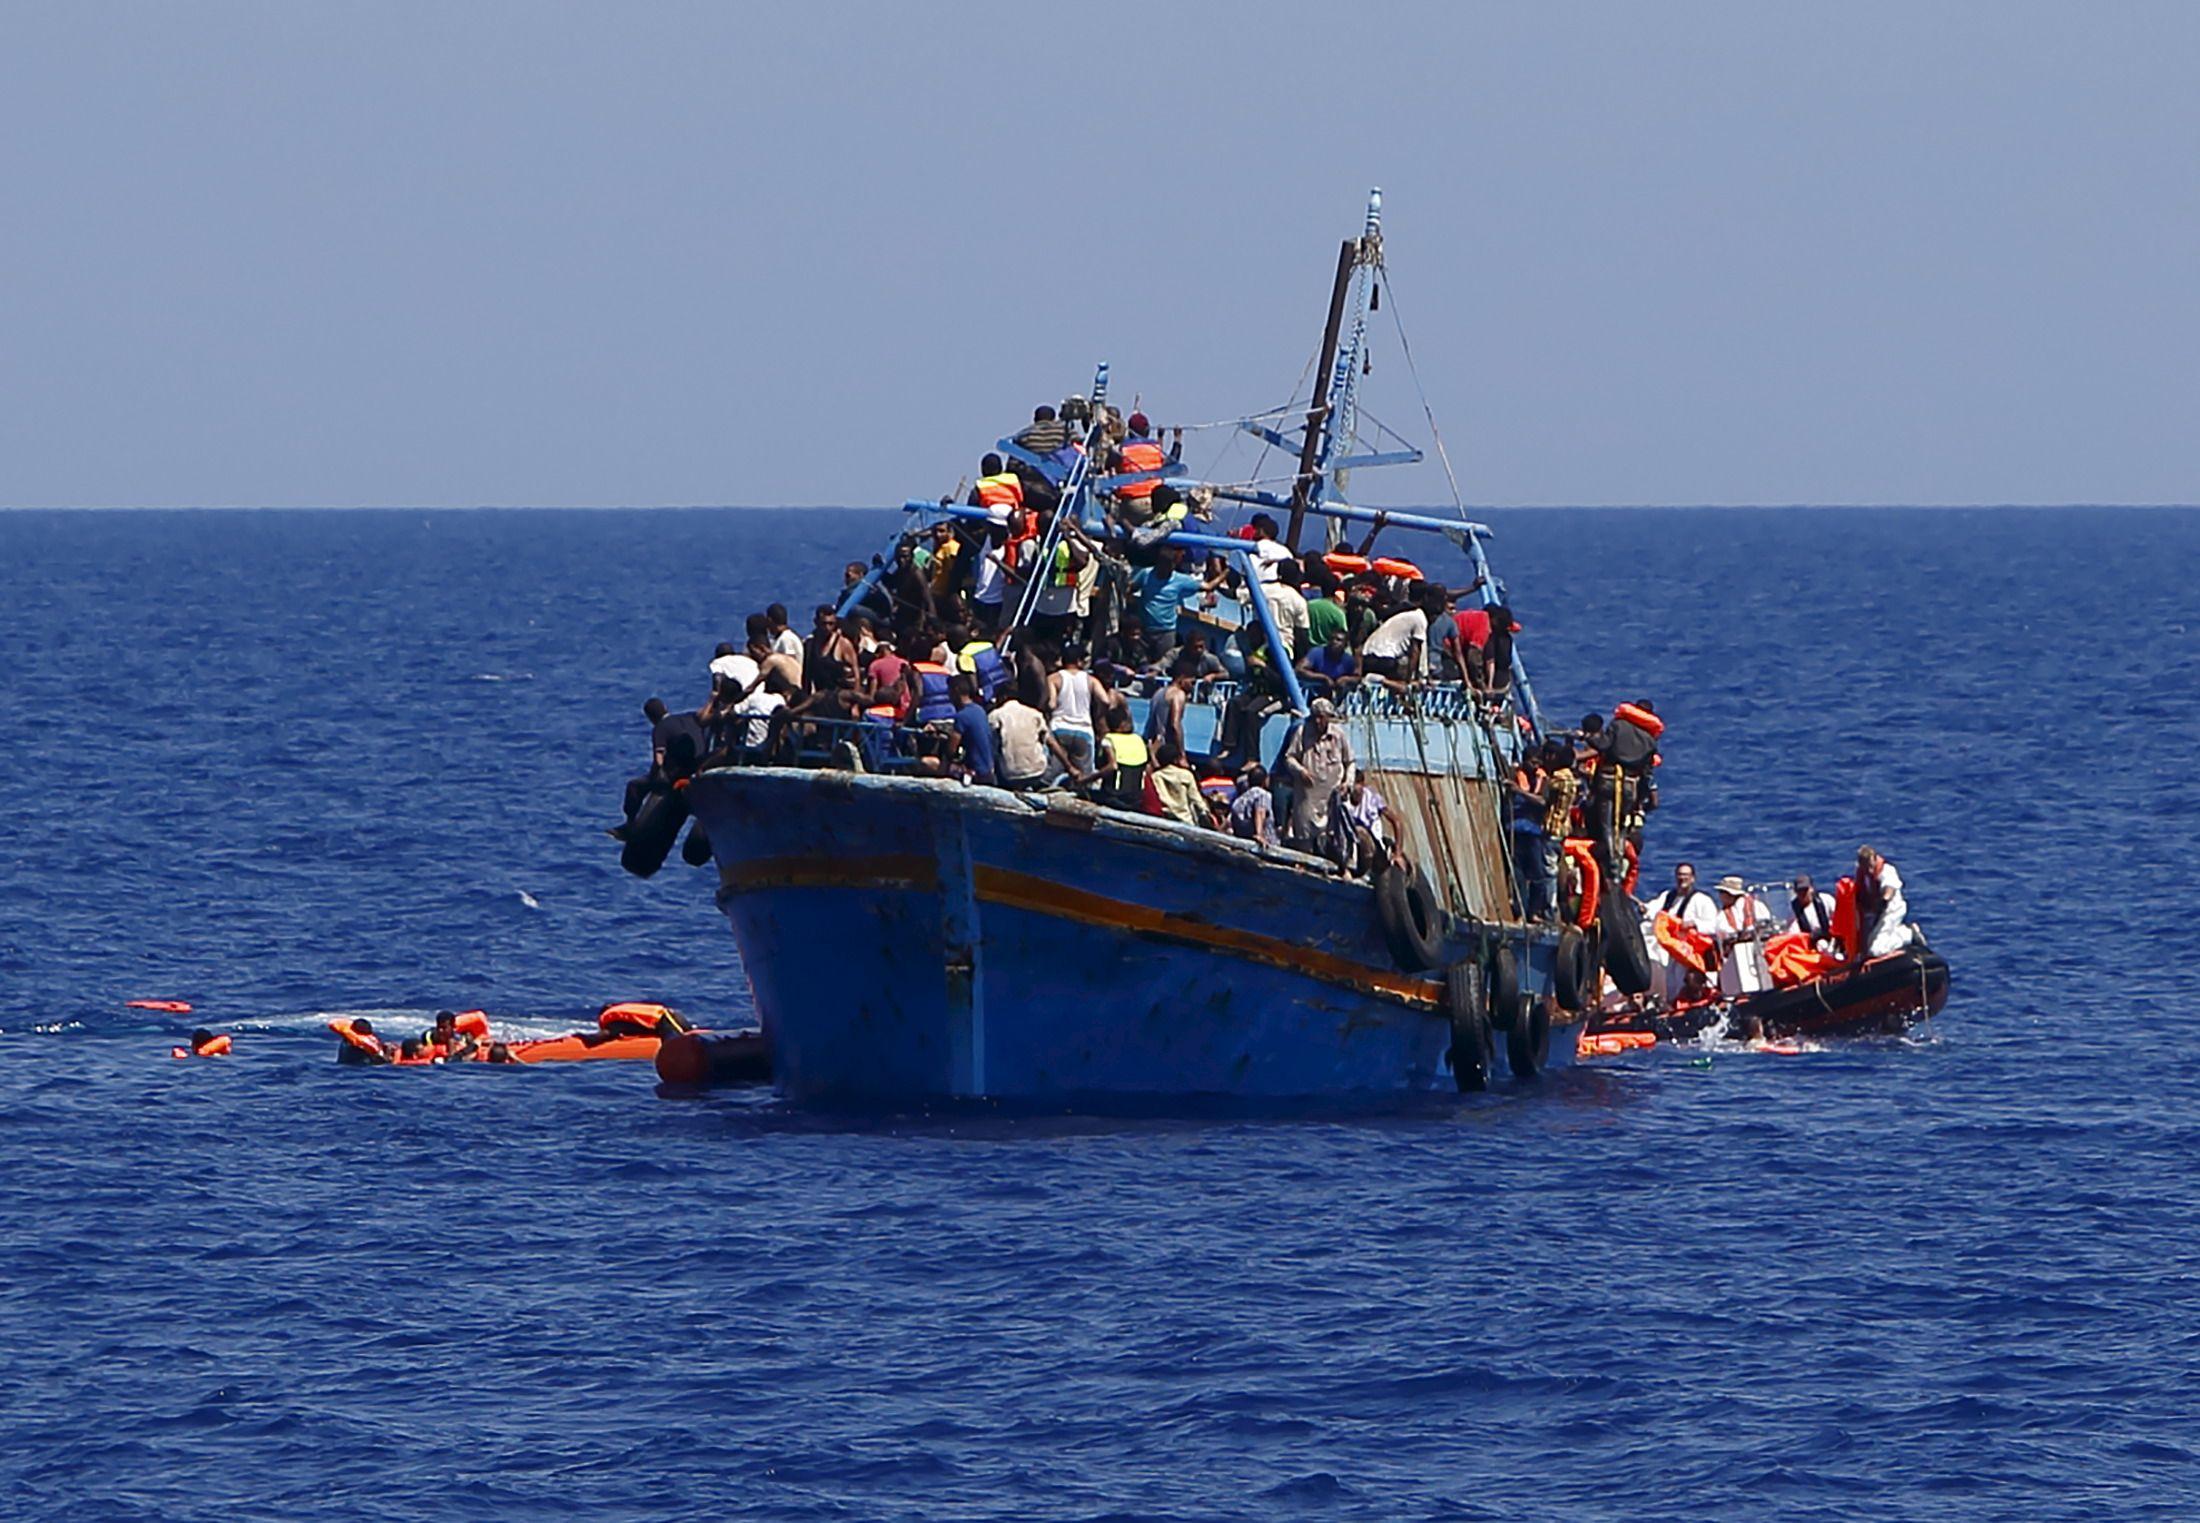 08_26_LibyaMigrants_01